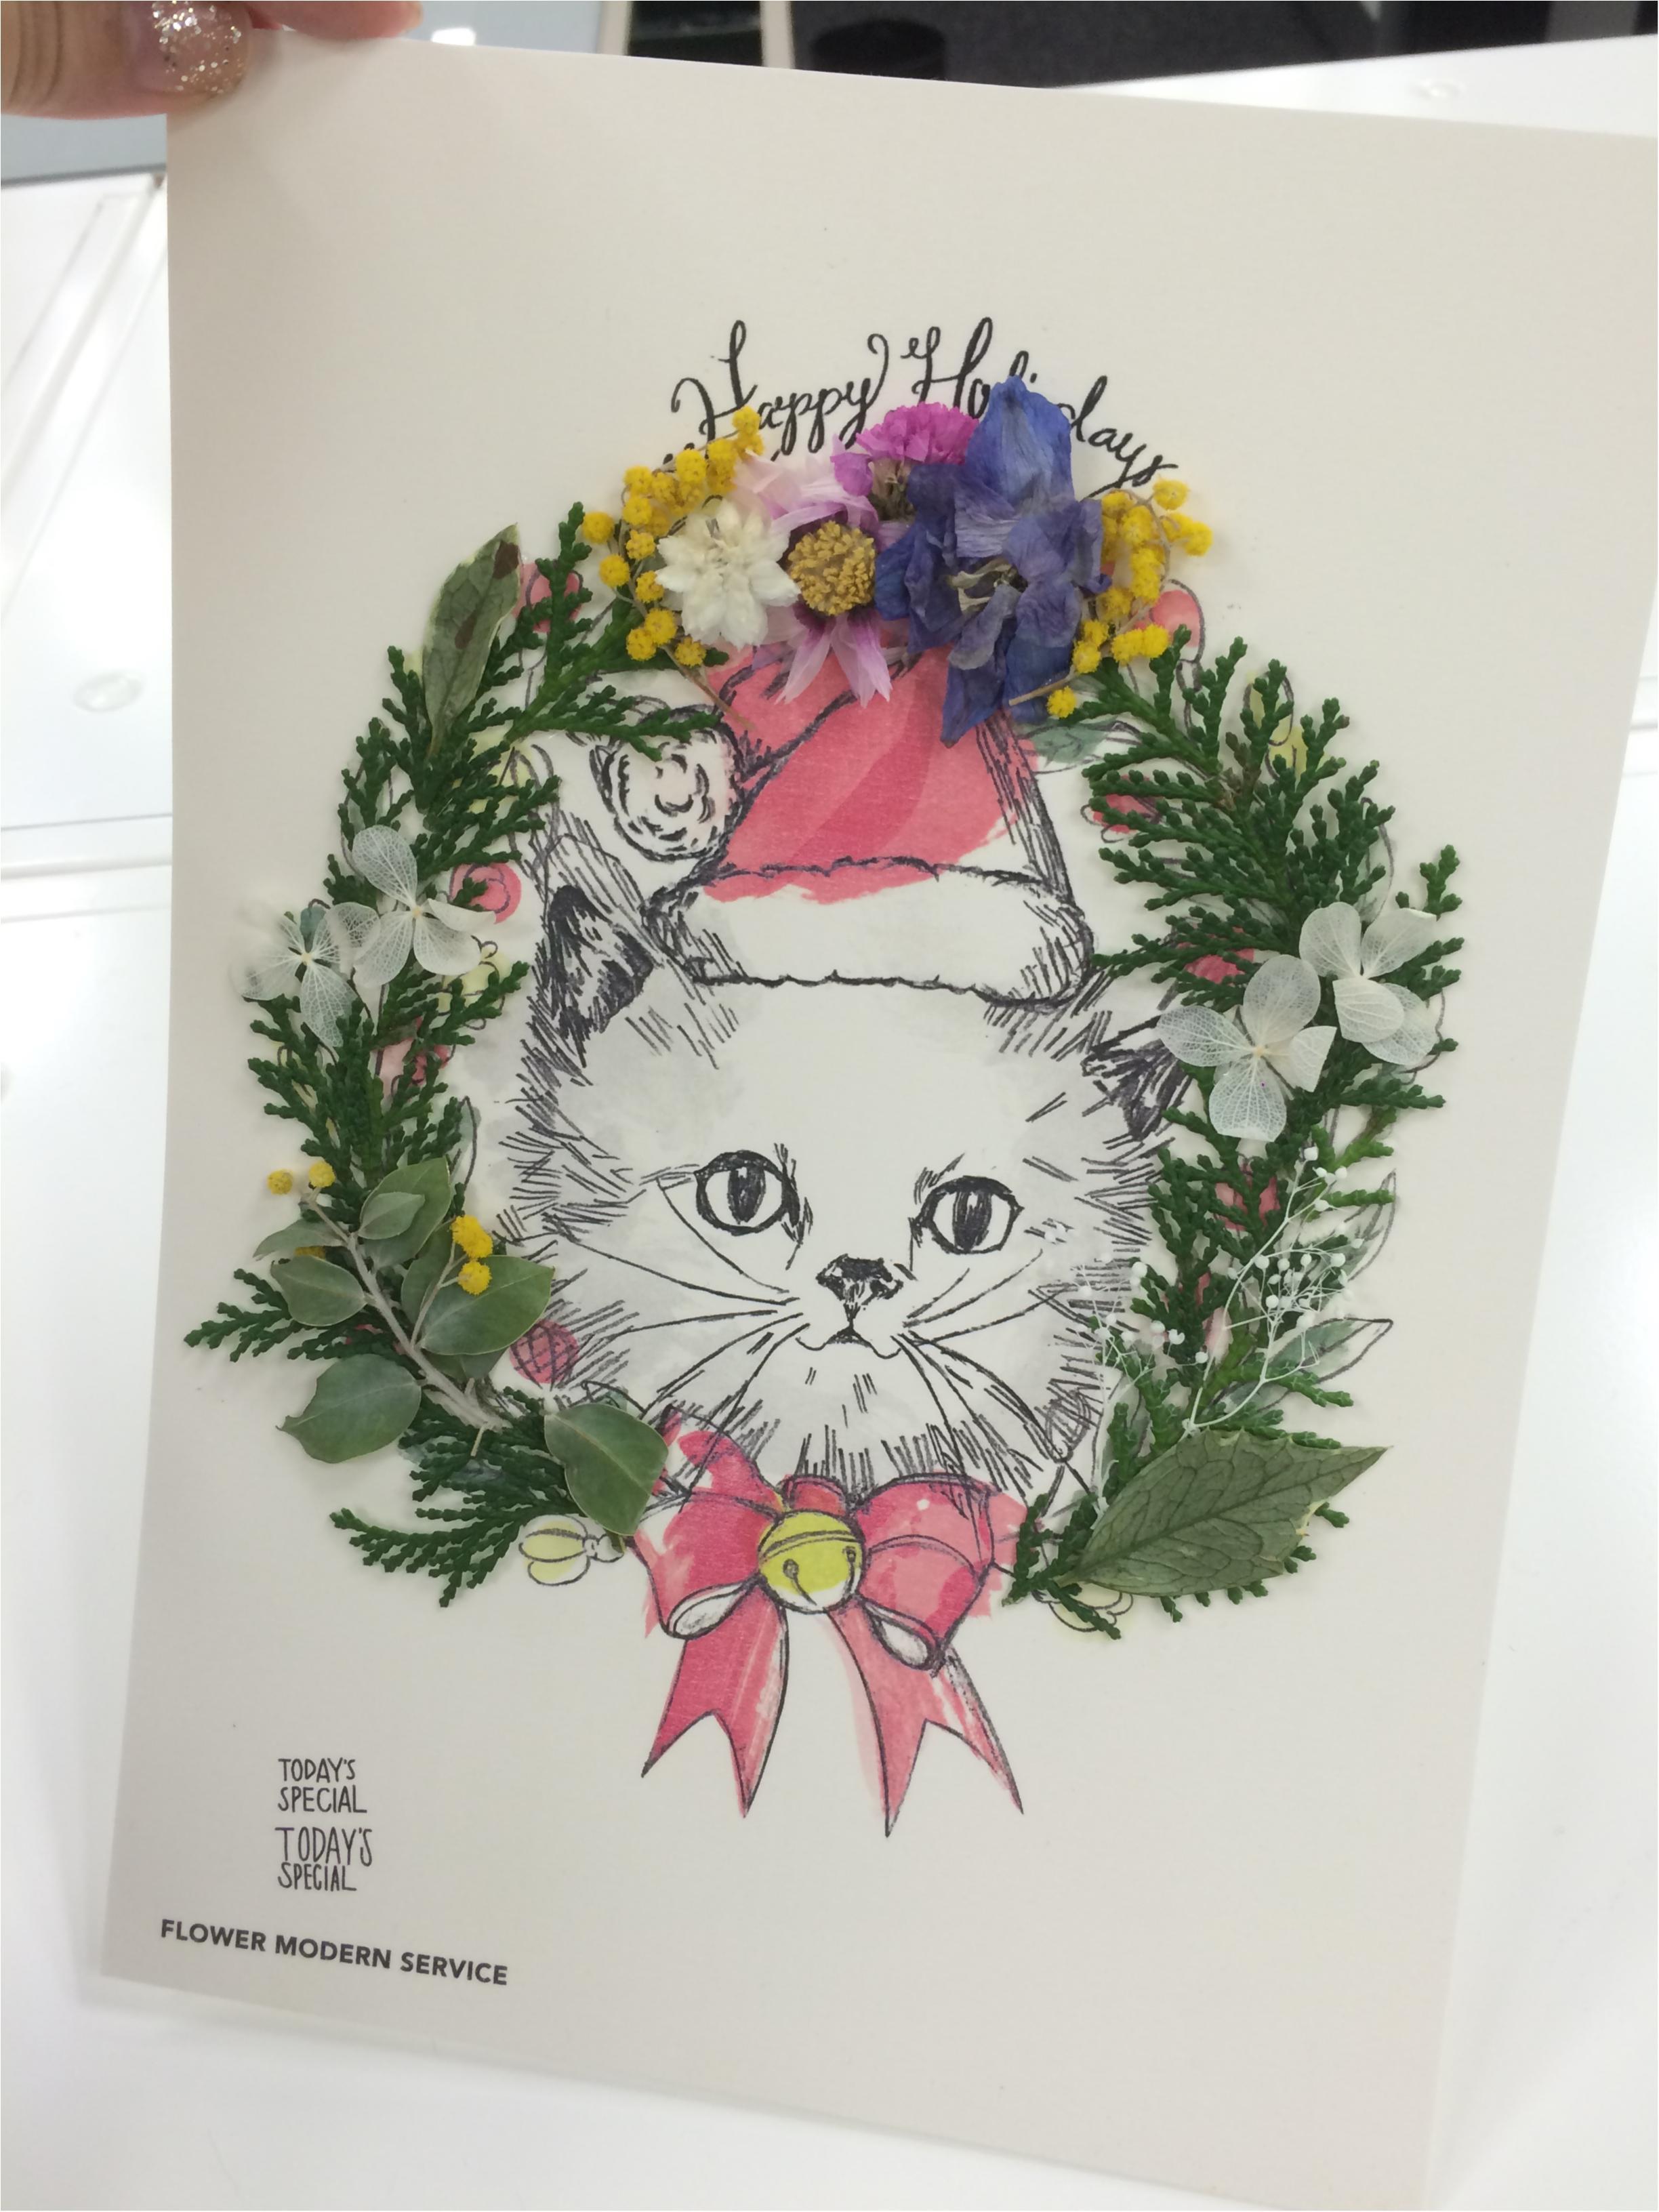 クリスマスの準備は『ペリエ ホリデーマーケットwith TODAY'S SPECIAL』に行かなくちゃ☆_3